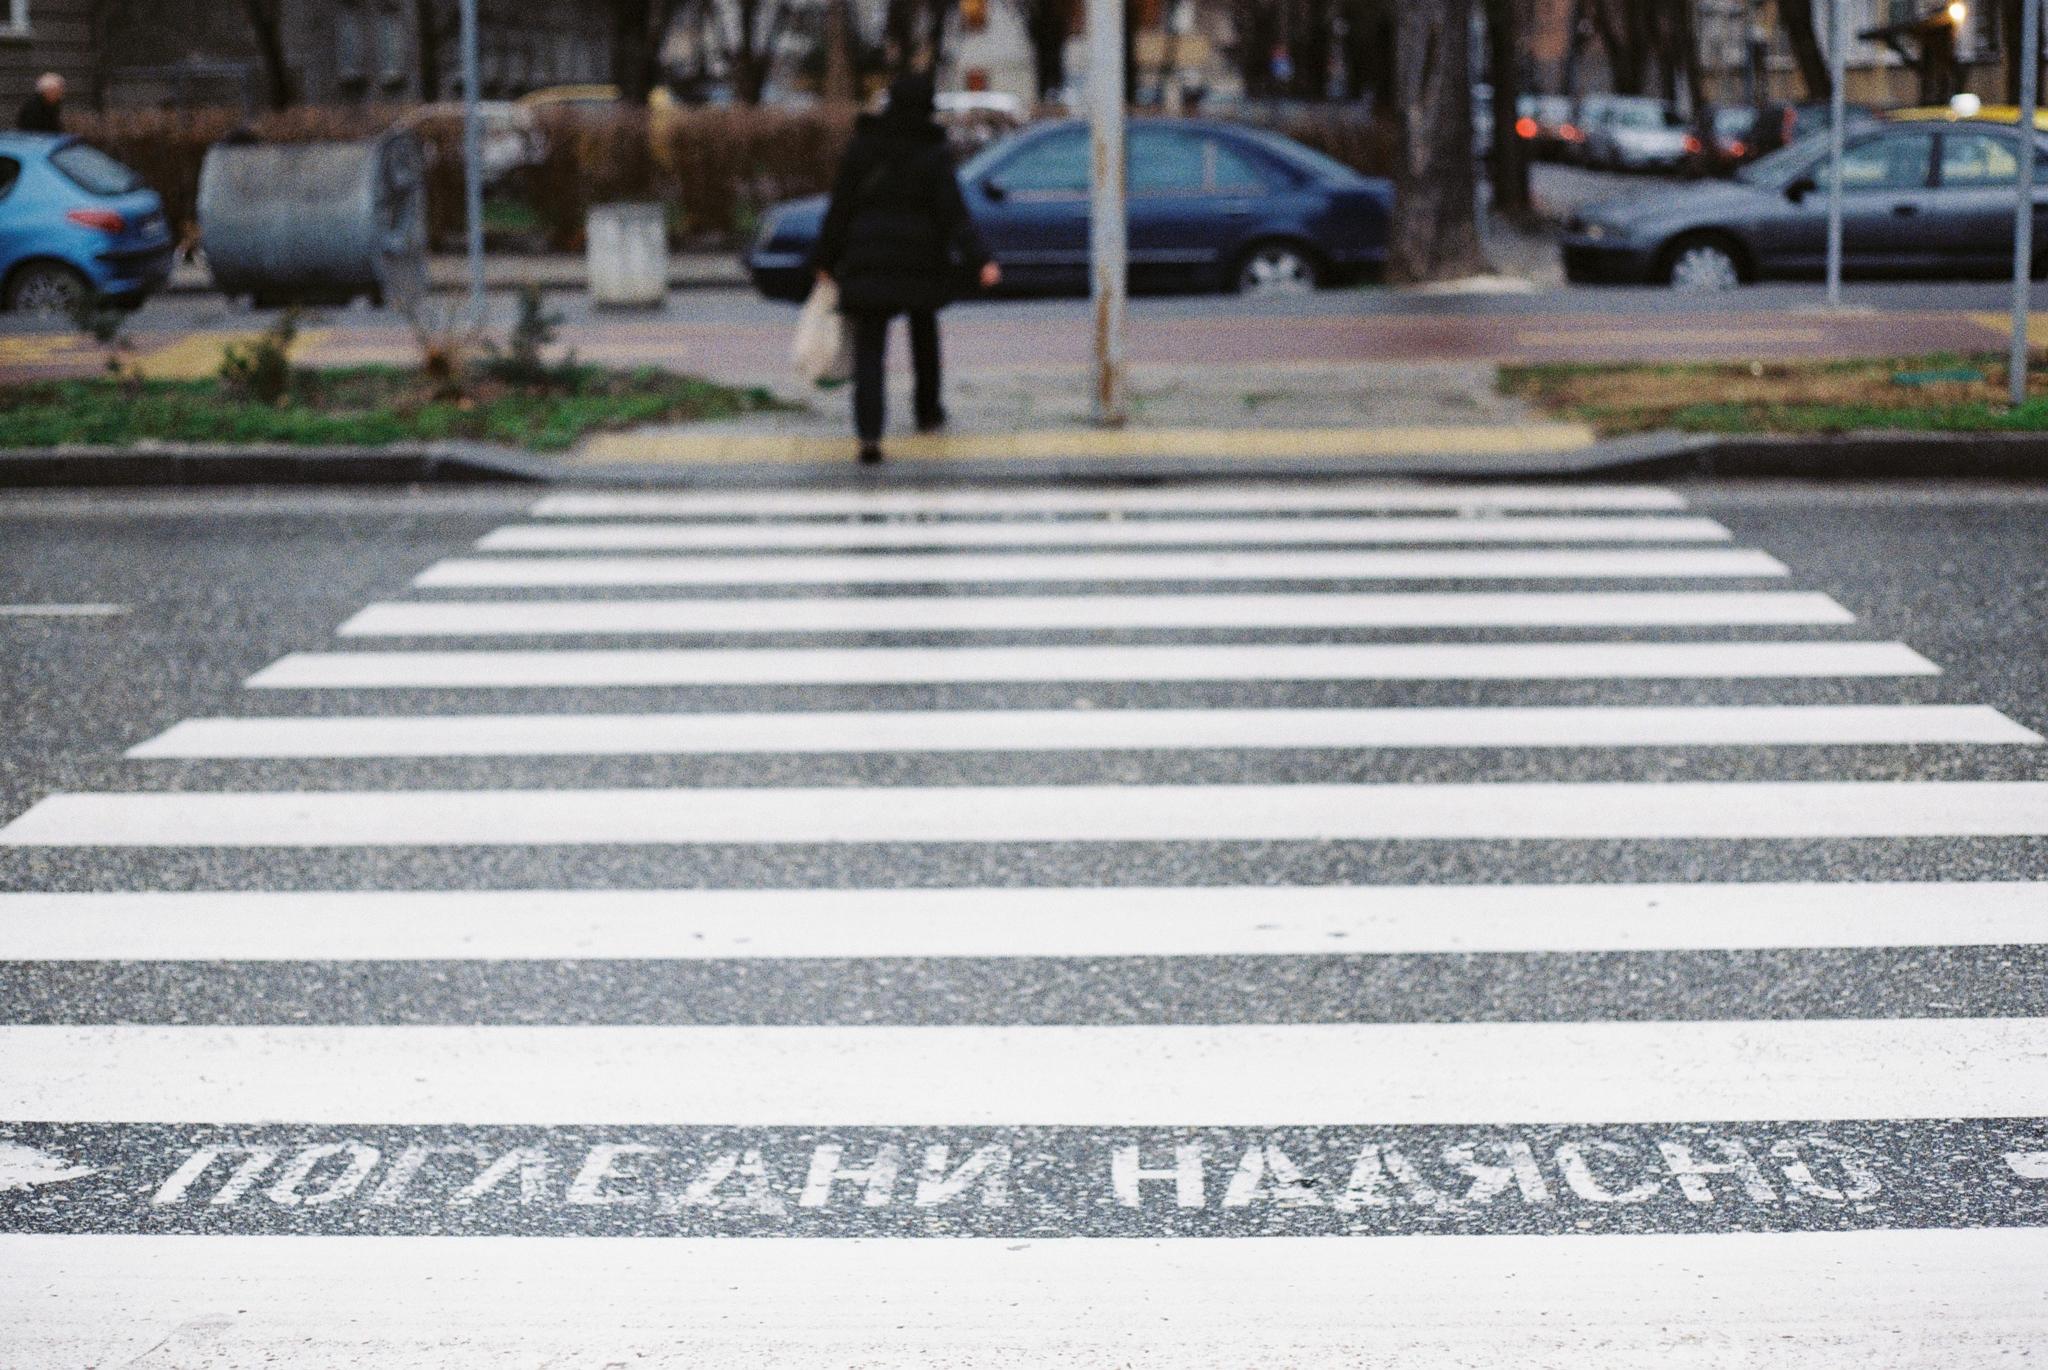 пловдив-улица-пешеходна-пътека-дъжд